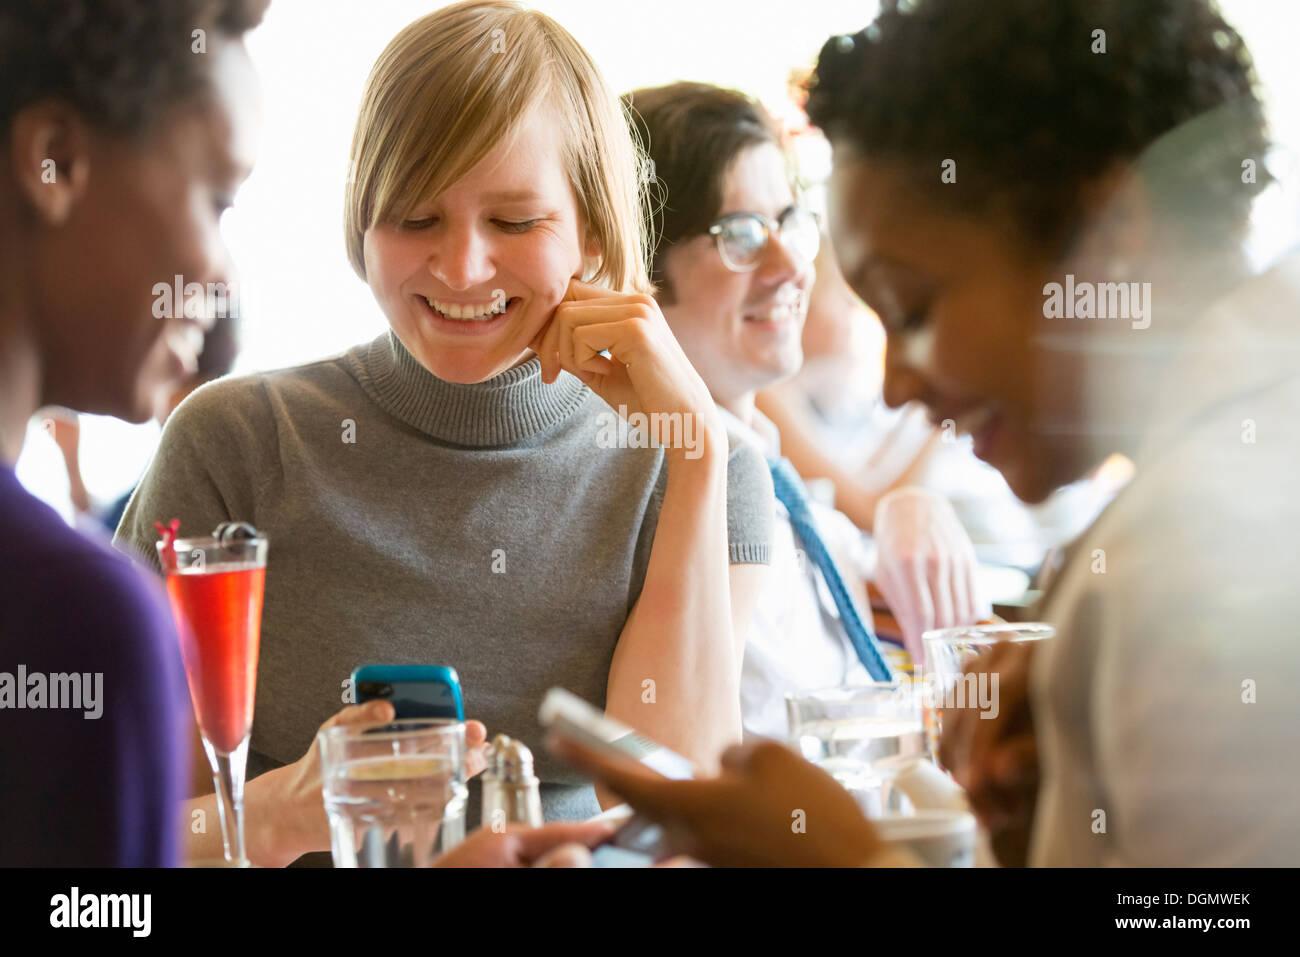 La vie en ville. Un groupe de personnes dans un café, la vérification de leurs téléphones intelligents. Photo Stock